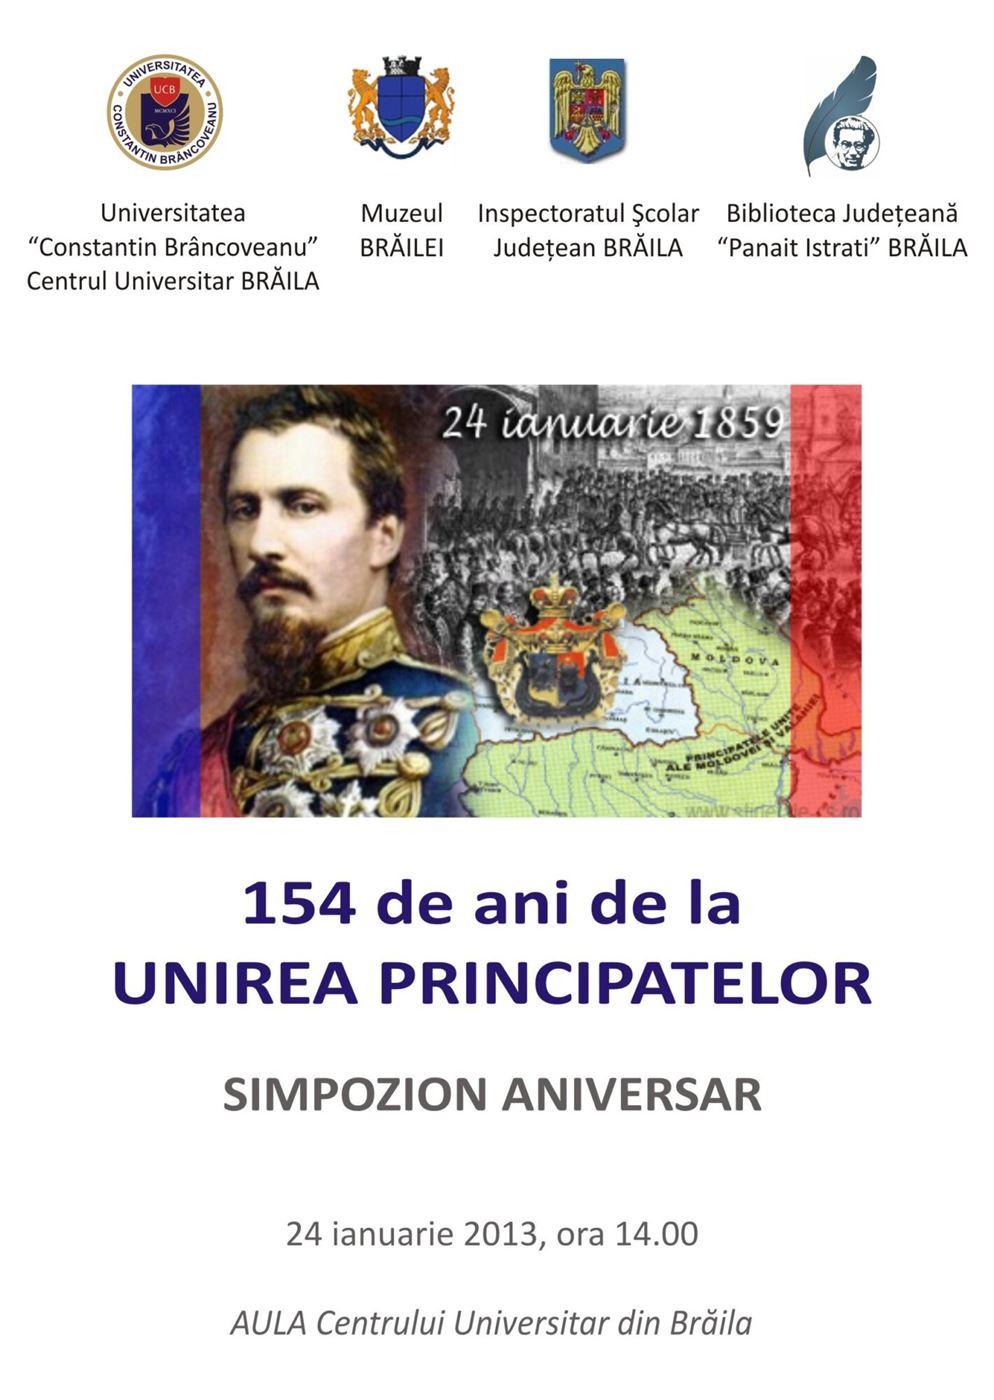 """Simpozion aniversar """"154 ani de la Unirea Principatelor"""" in Aula Universitatii """"Constantin Brancoveanu"""" din Braila"""